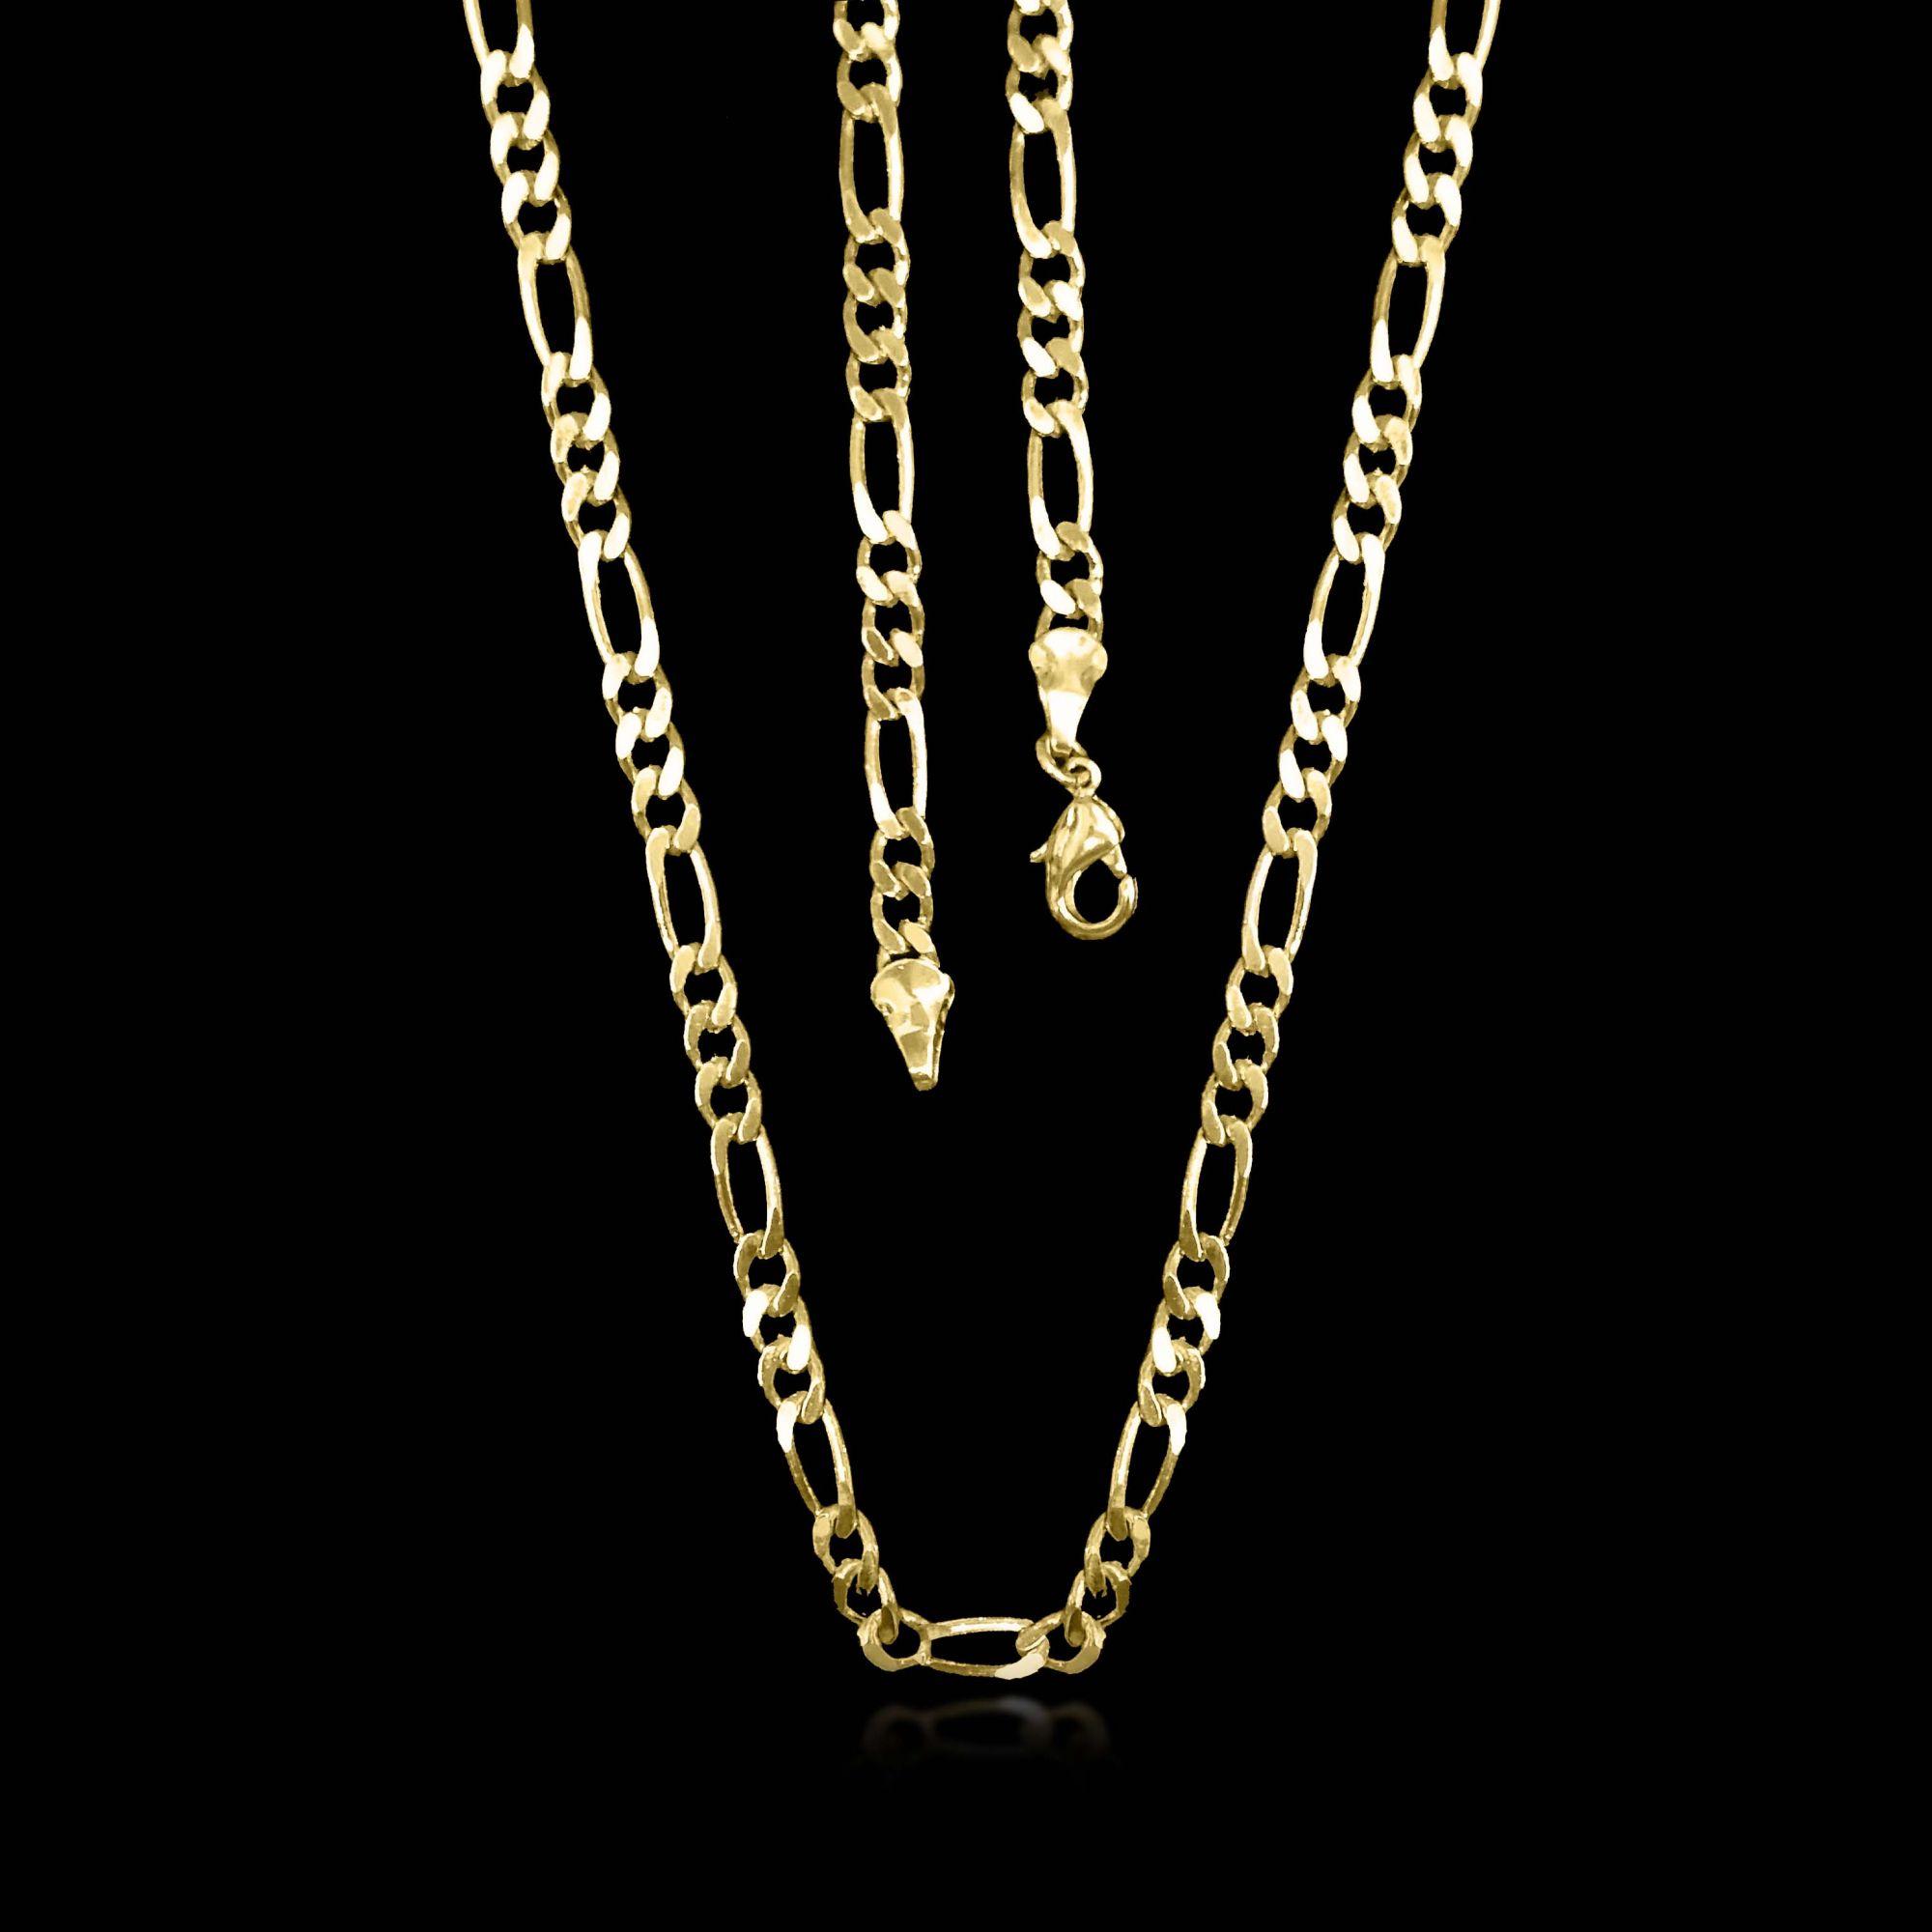 3a1e496ee11df Corrente Masculina 3x1 60 cm 0,3 mm Folheado Ouro 18k - Lunozê Joias